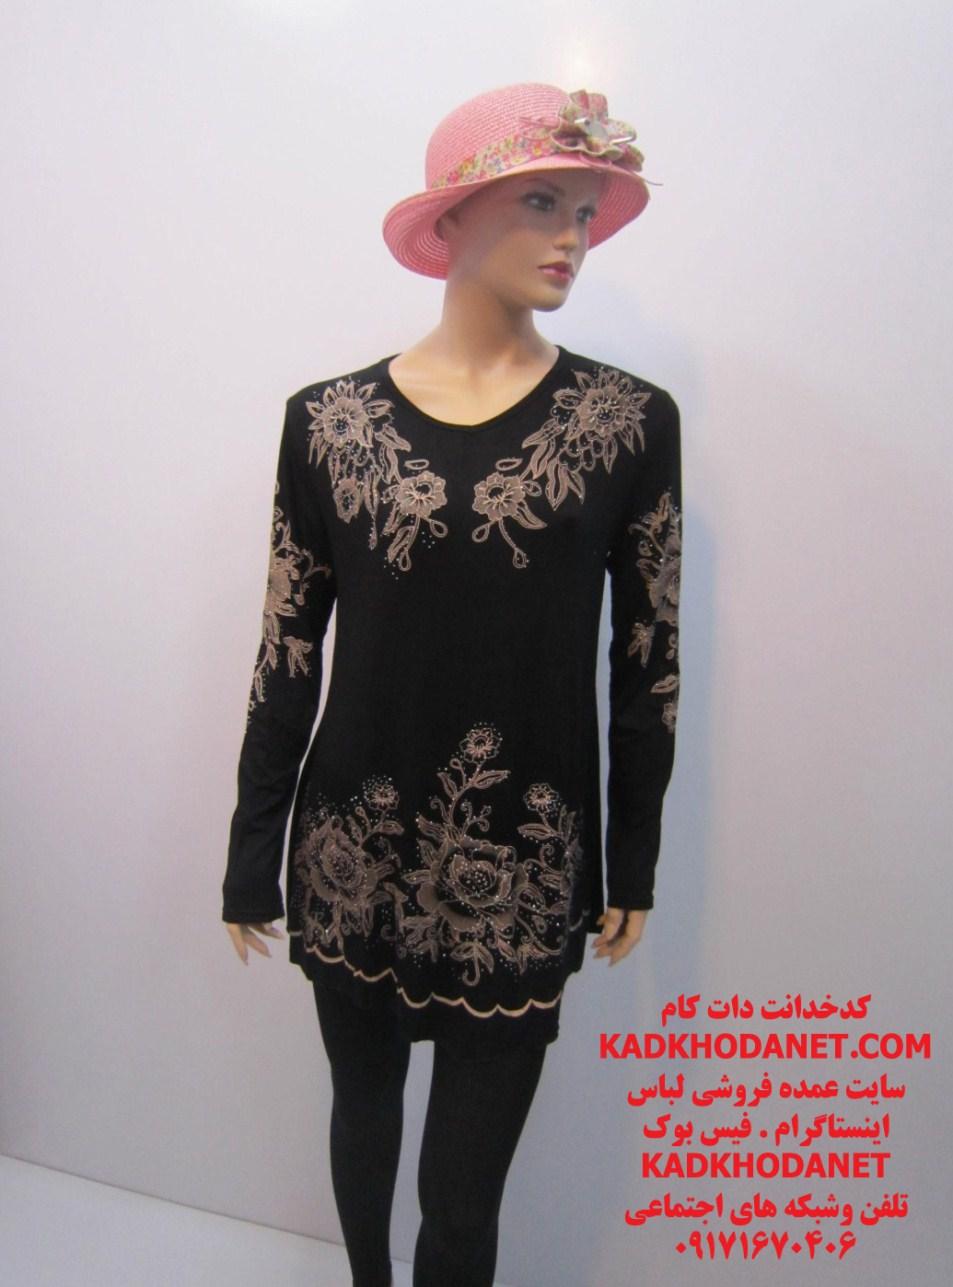 تولید و پخش لباس زنانه (2)